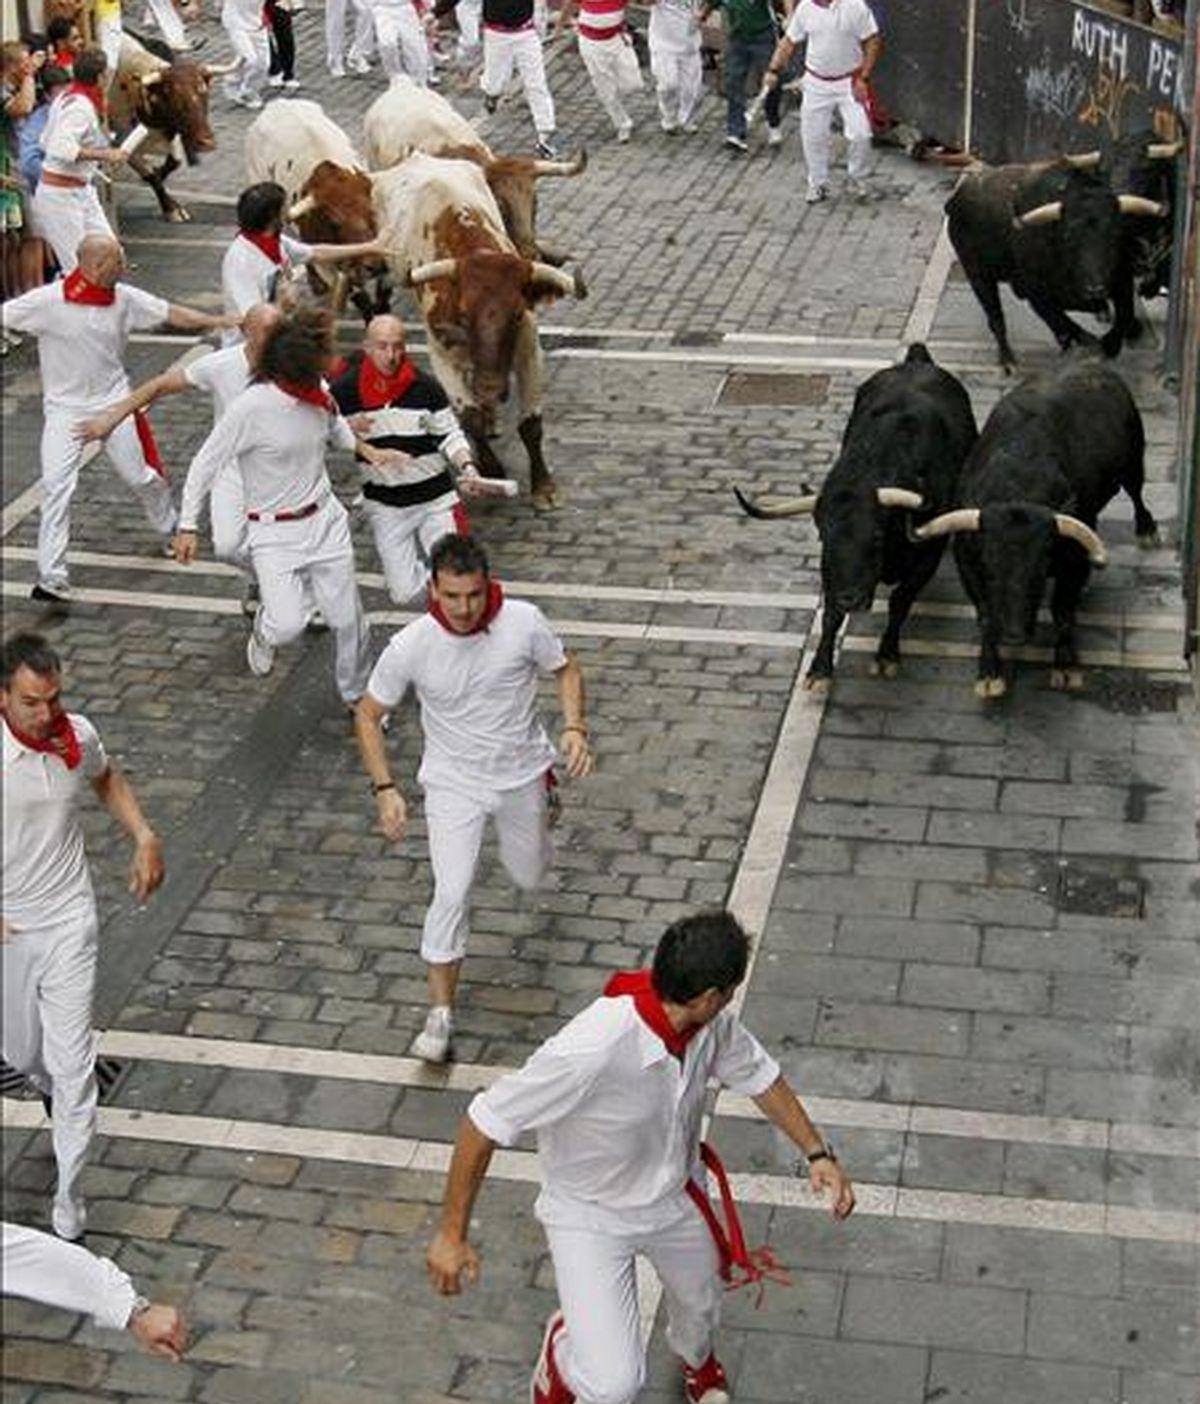 Los toros de la ganadería de Victoriano del Río, de la localidad madrileña de Guadalix de la Sierra, pasan por la curva de Mercaderes en su debut en Pamplona con el encierro más rápido de los sanfermines 2010, al completar en dos minutos y diecisiete segundos todo su recorrido. Durante su carrera no han corneado a ninguno de los mozos que, en número inferior a los días anteriores pero también significativo, se han dado cita en este sexto encierro de las fiestas. EFE